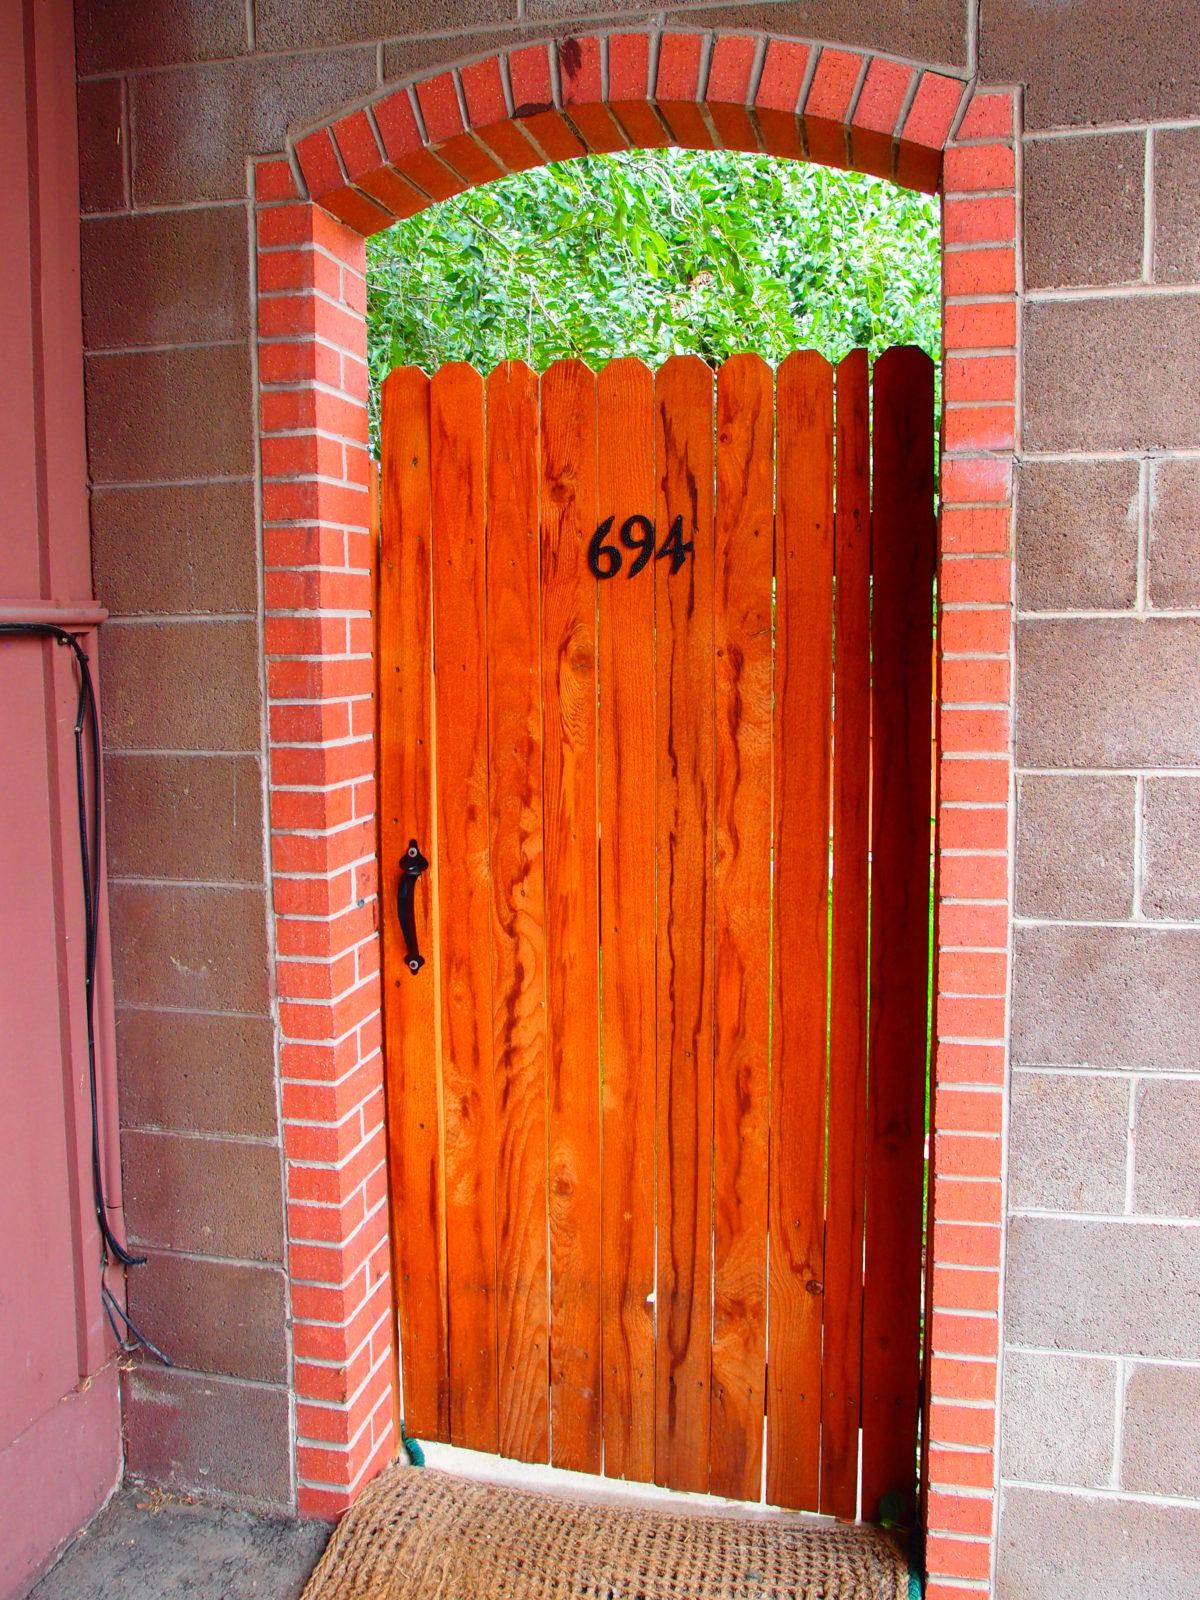 694 Inca gate